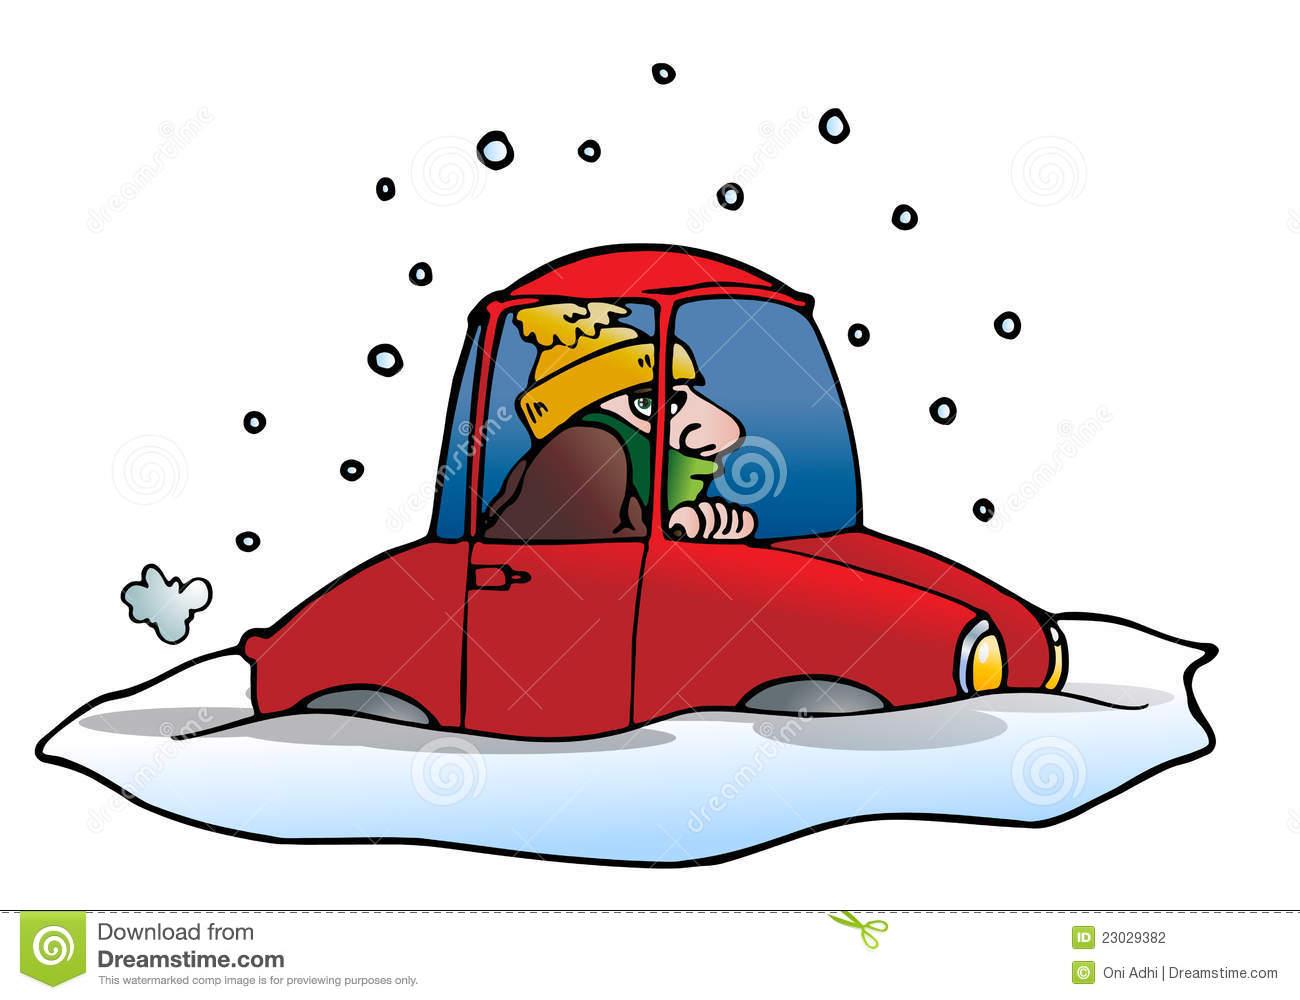 Snow car clipart.